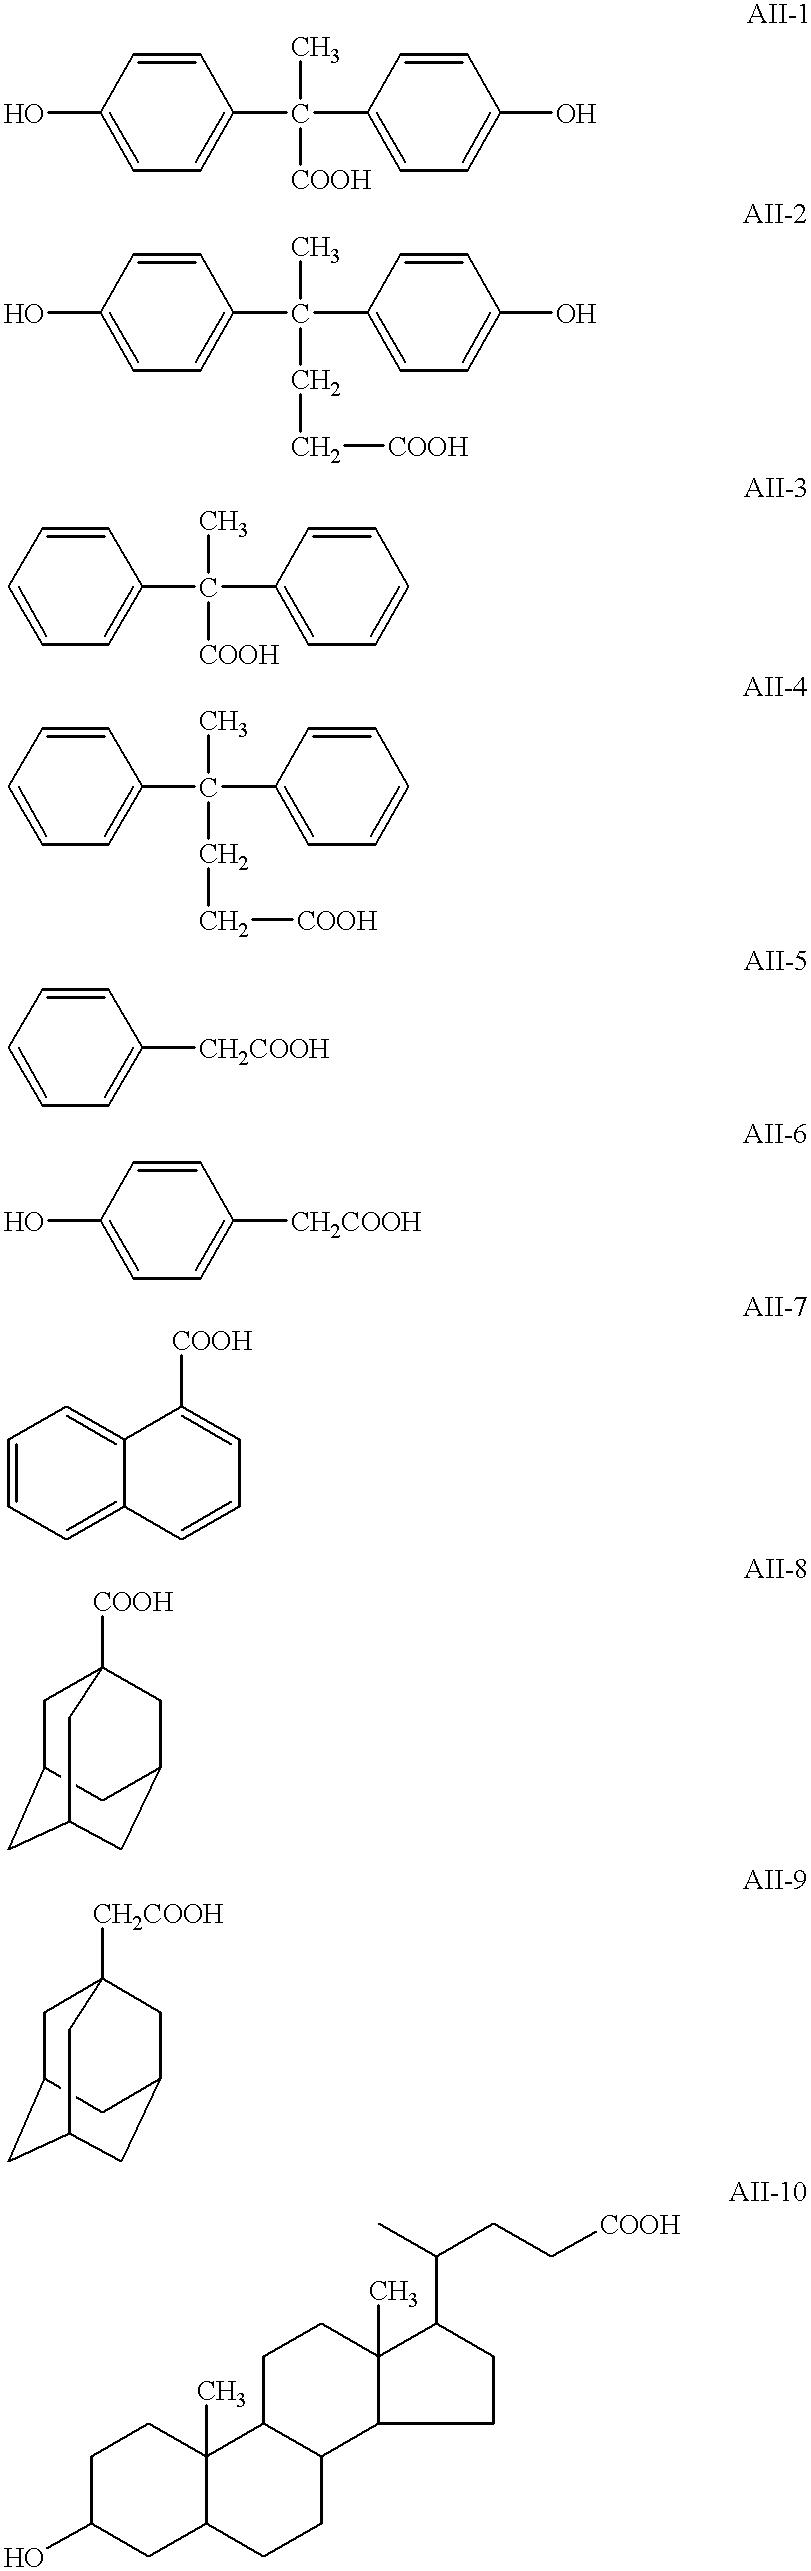 Figure US20010033990A1-20011025-C00025